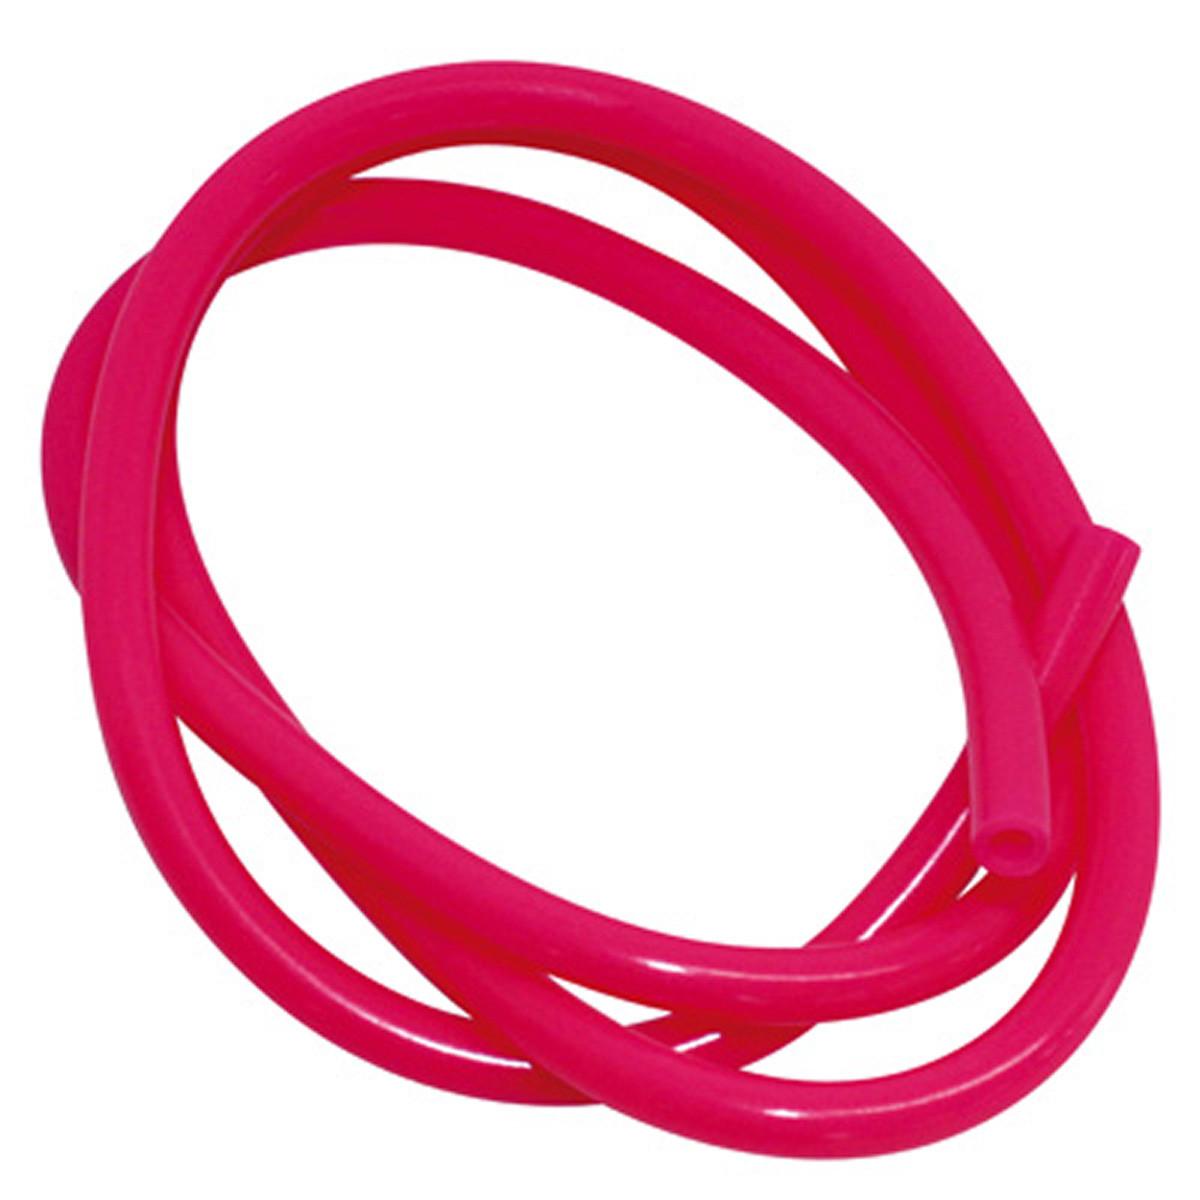 Durite essence - Diamètre 5mm Rose Fluo